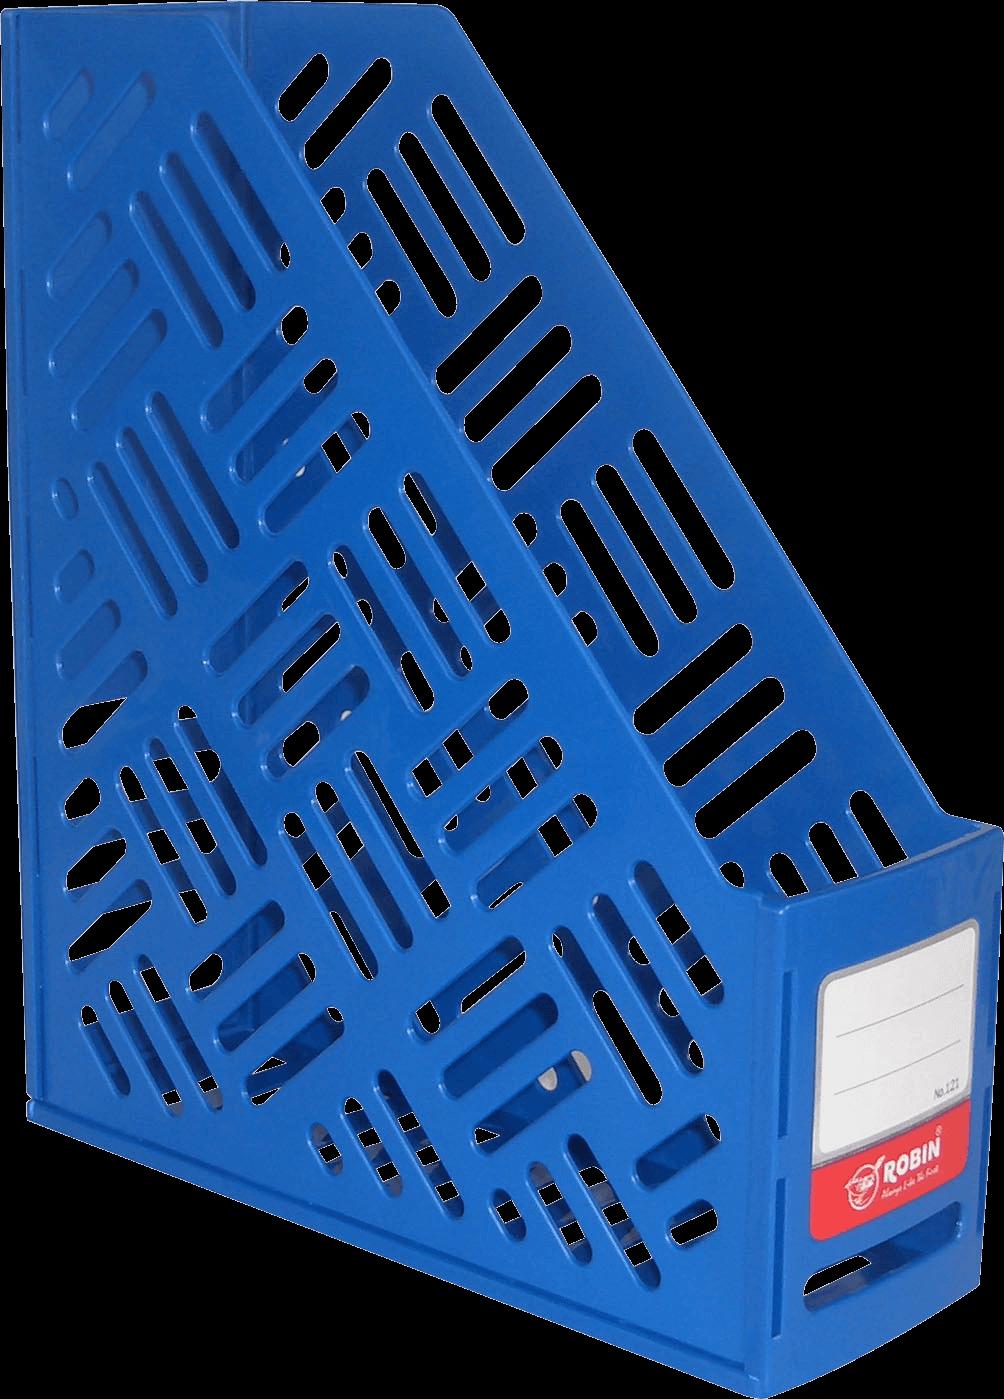 กล่องใส่เอกสารพลาสติก 1 ช่อง Robin 121 สีน้ำเงิน